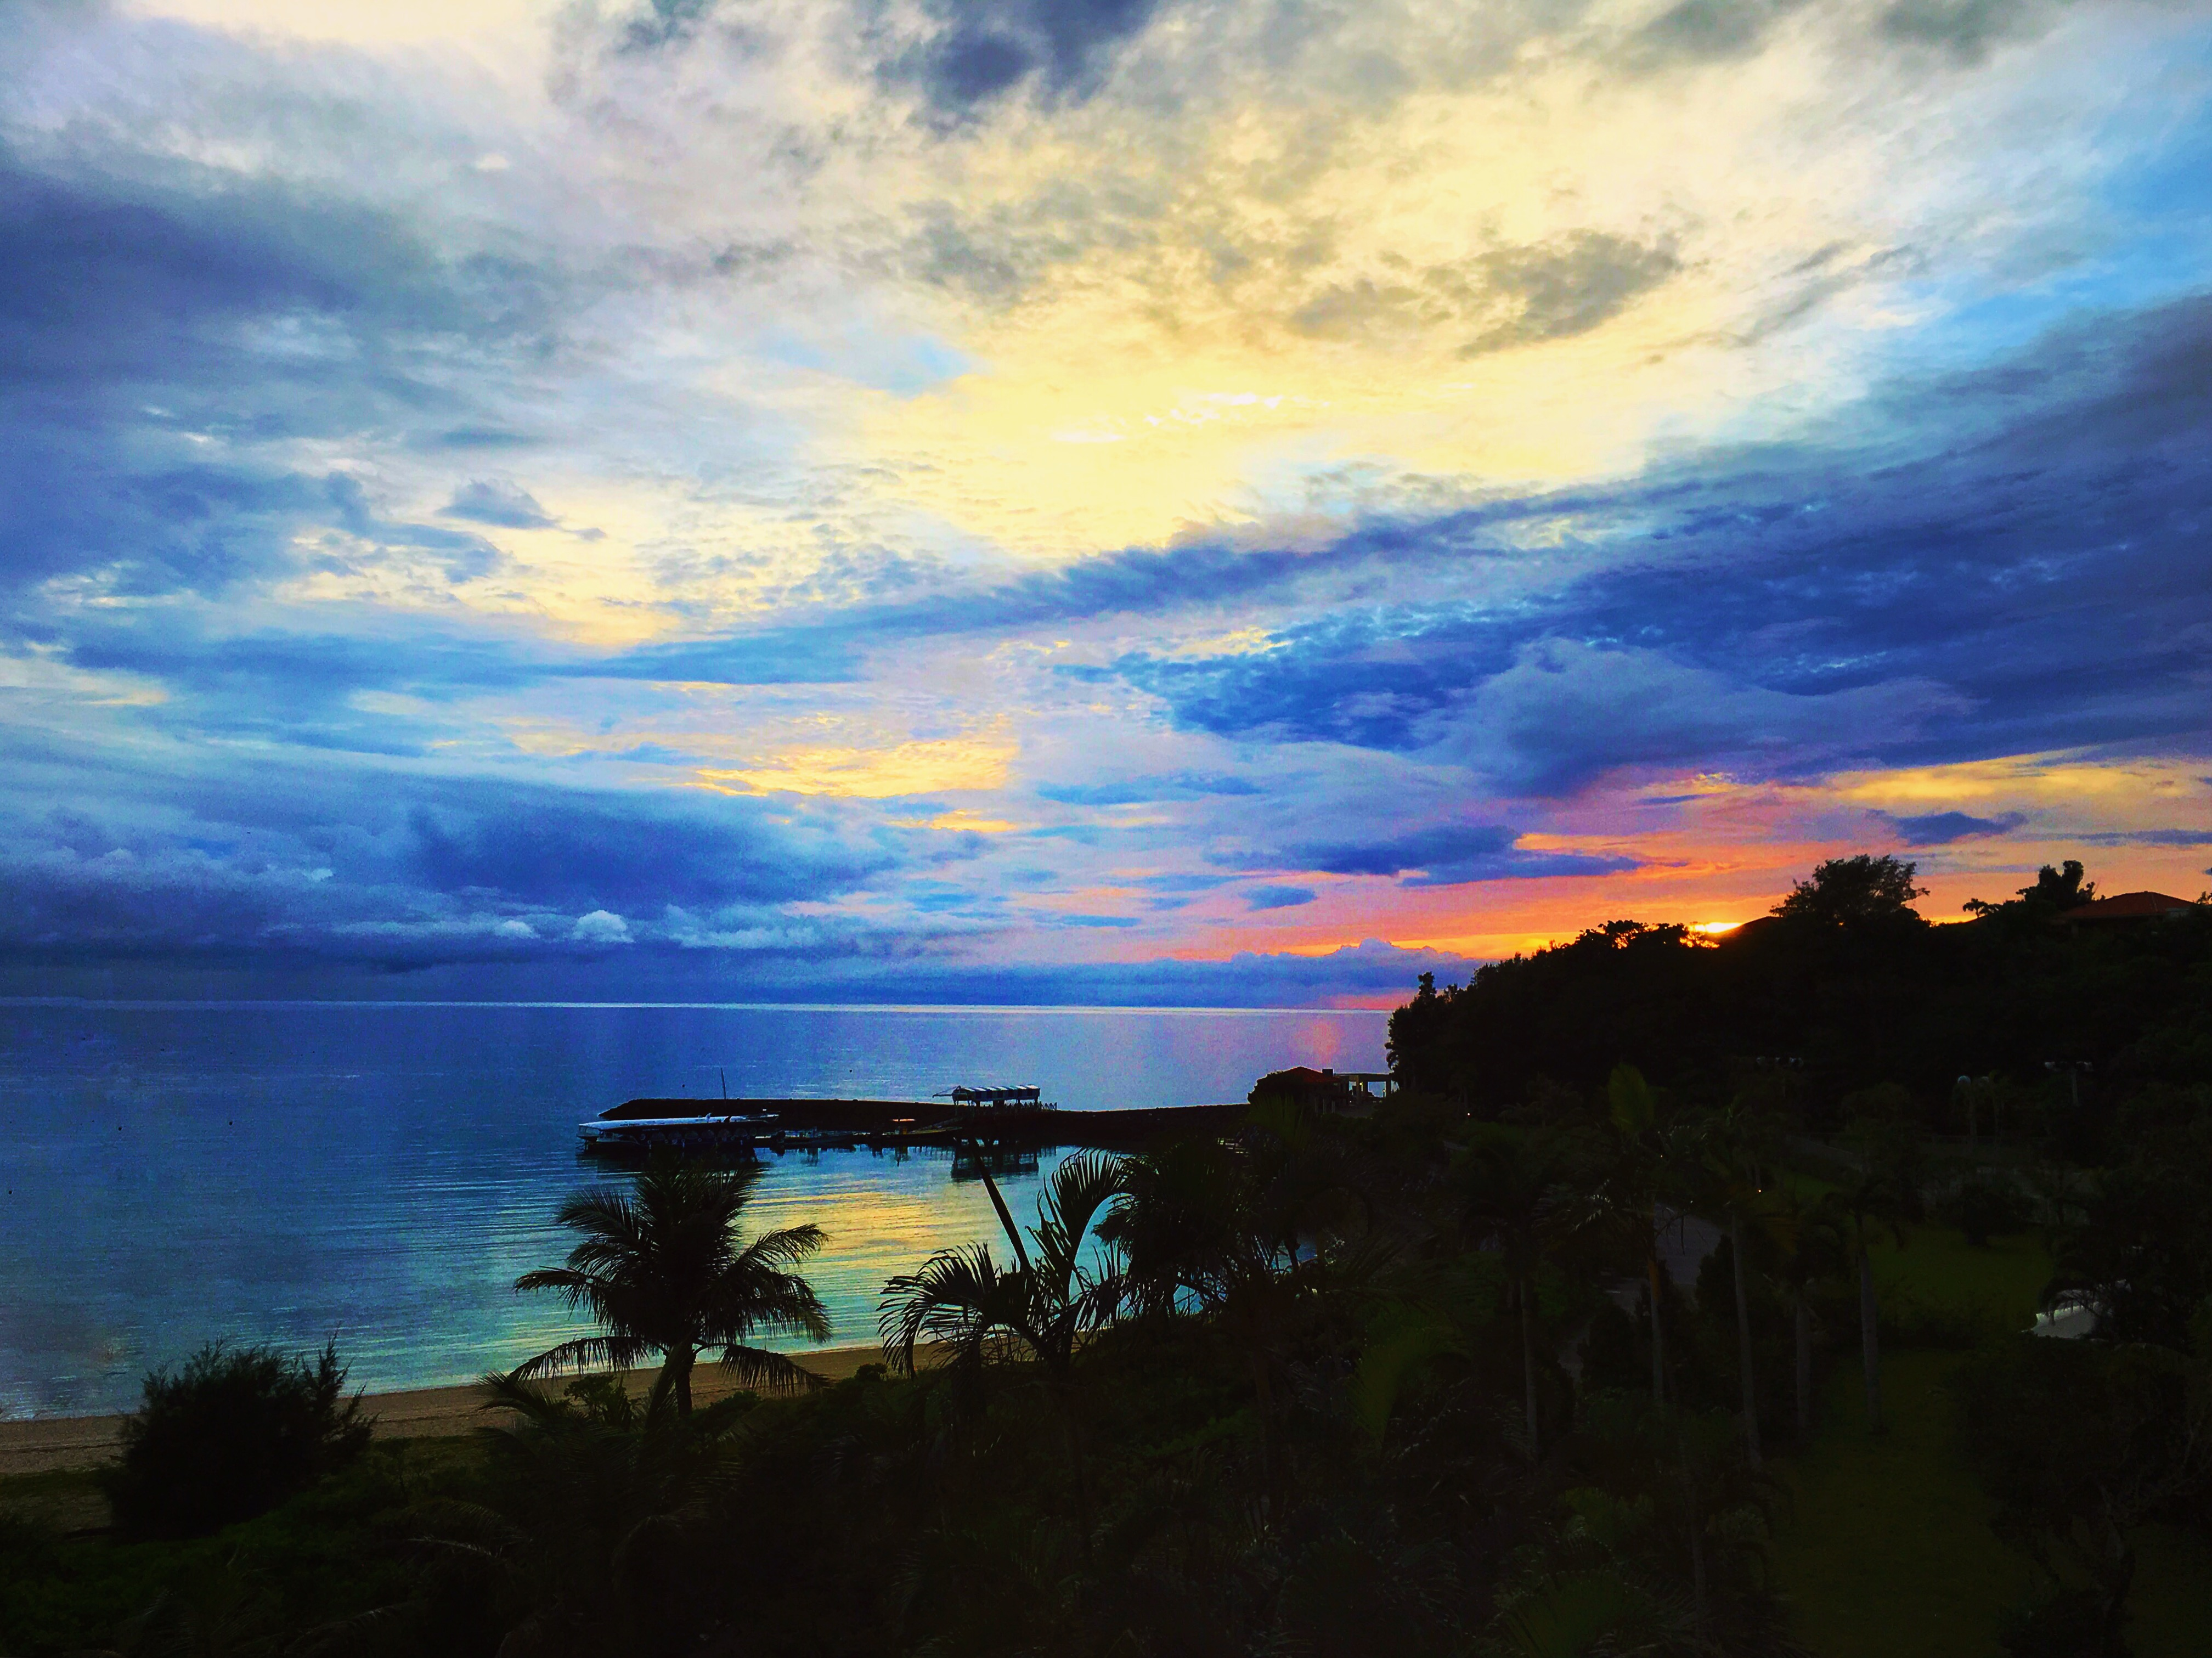 万万没想到,雨后的冲绳竟然可以这么美!图片